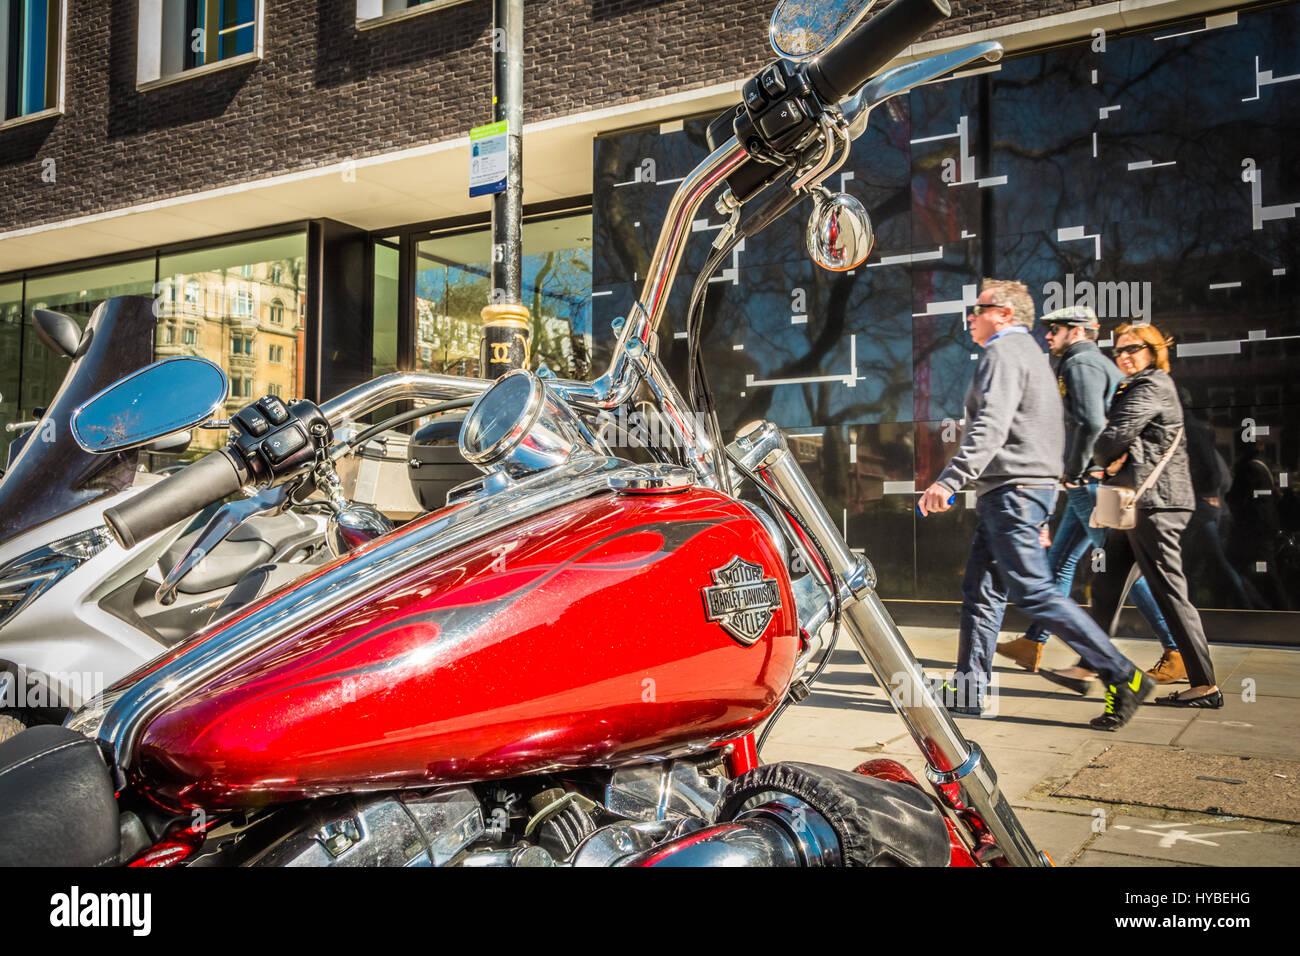 A red Harley Davidson motorbike in Hanover Square, London, UK - Stock Image